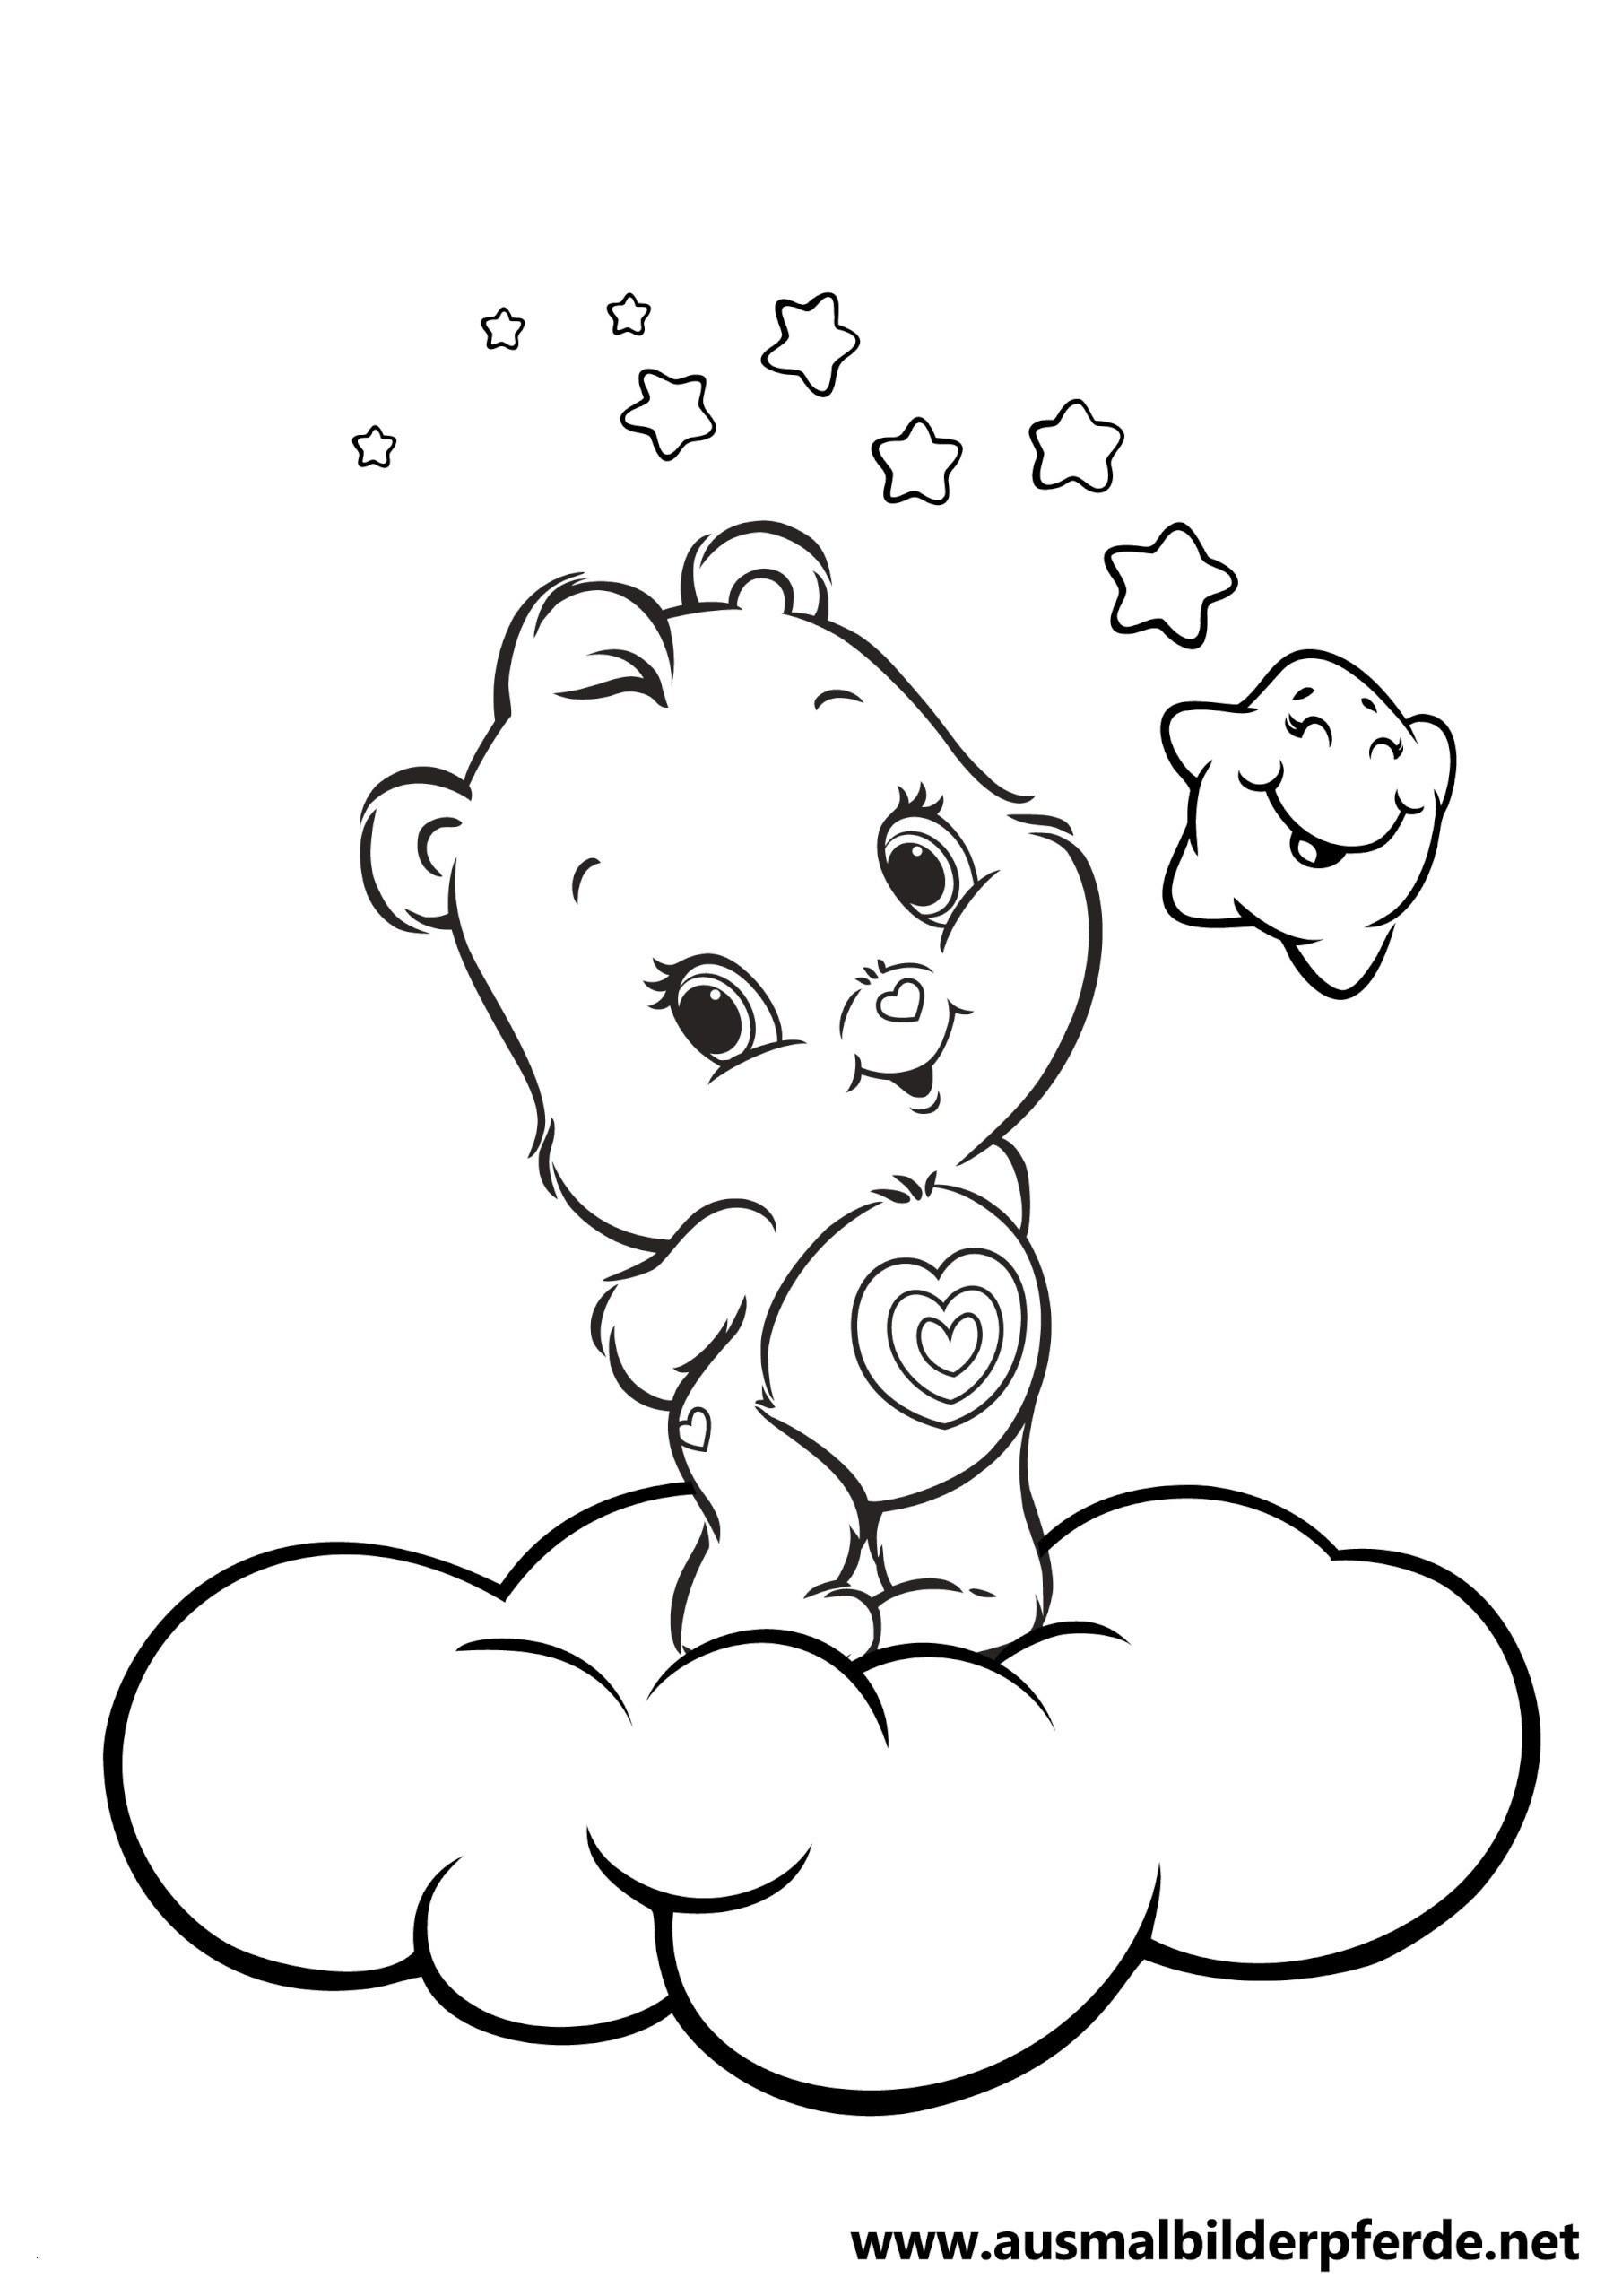 Winni Pooh Ausmalbilder Neu 28 Frisch Winnie Puuh Malvorlagen Mickeycarrollmunchkin Fotos